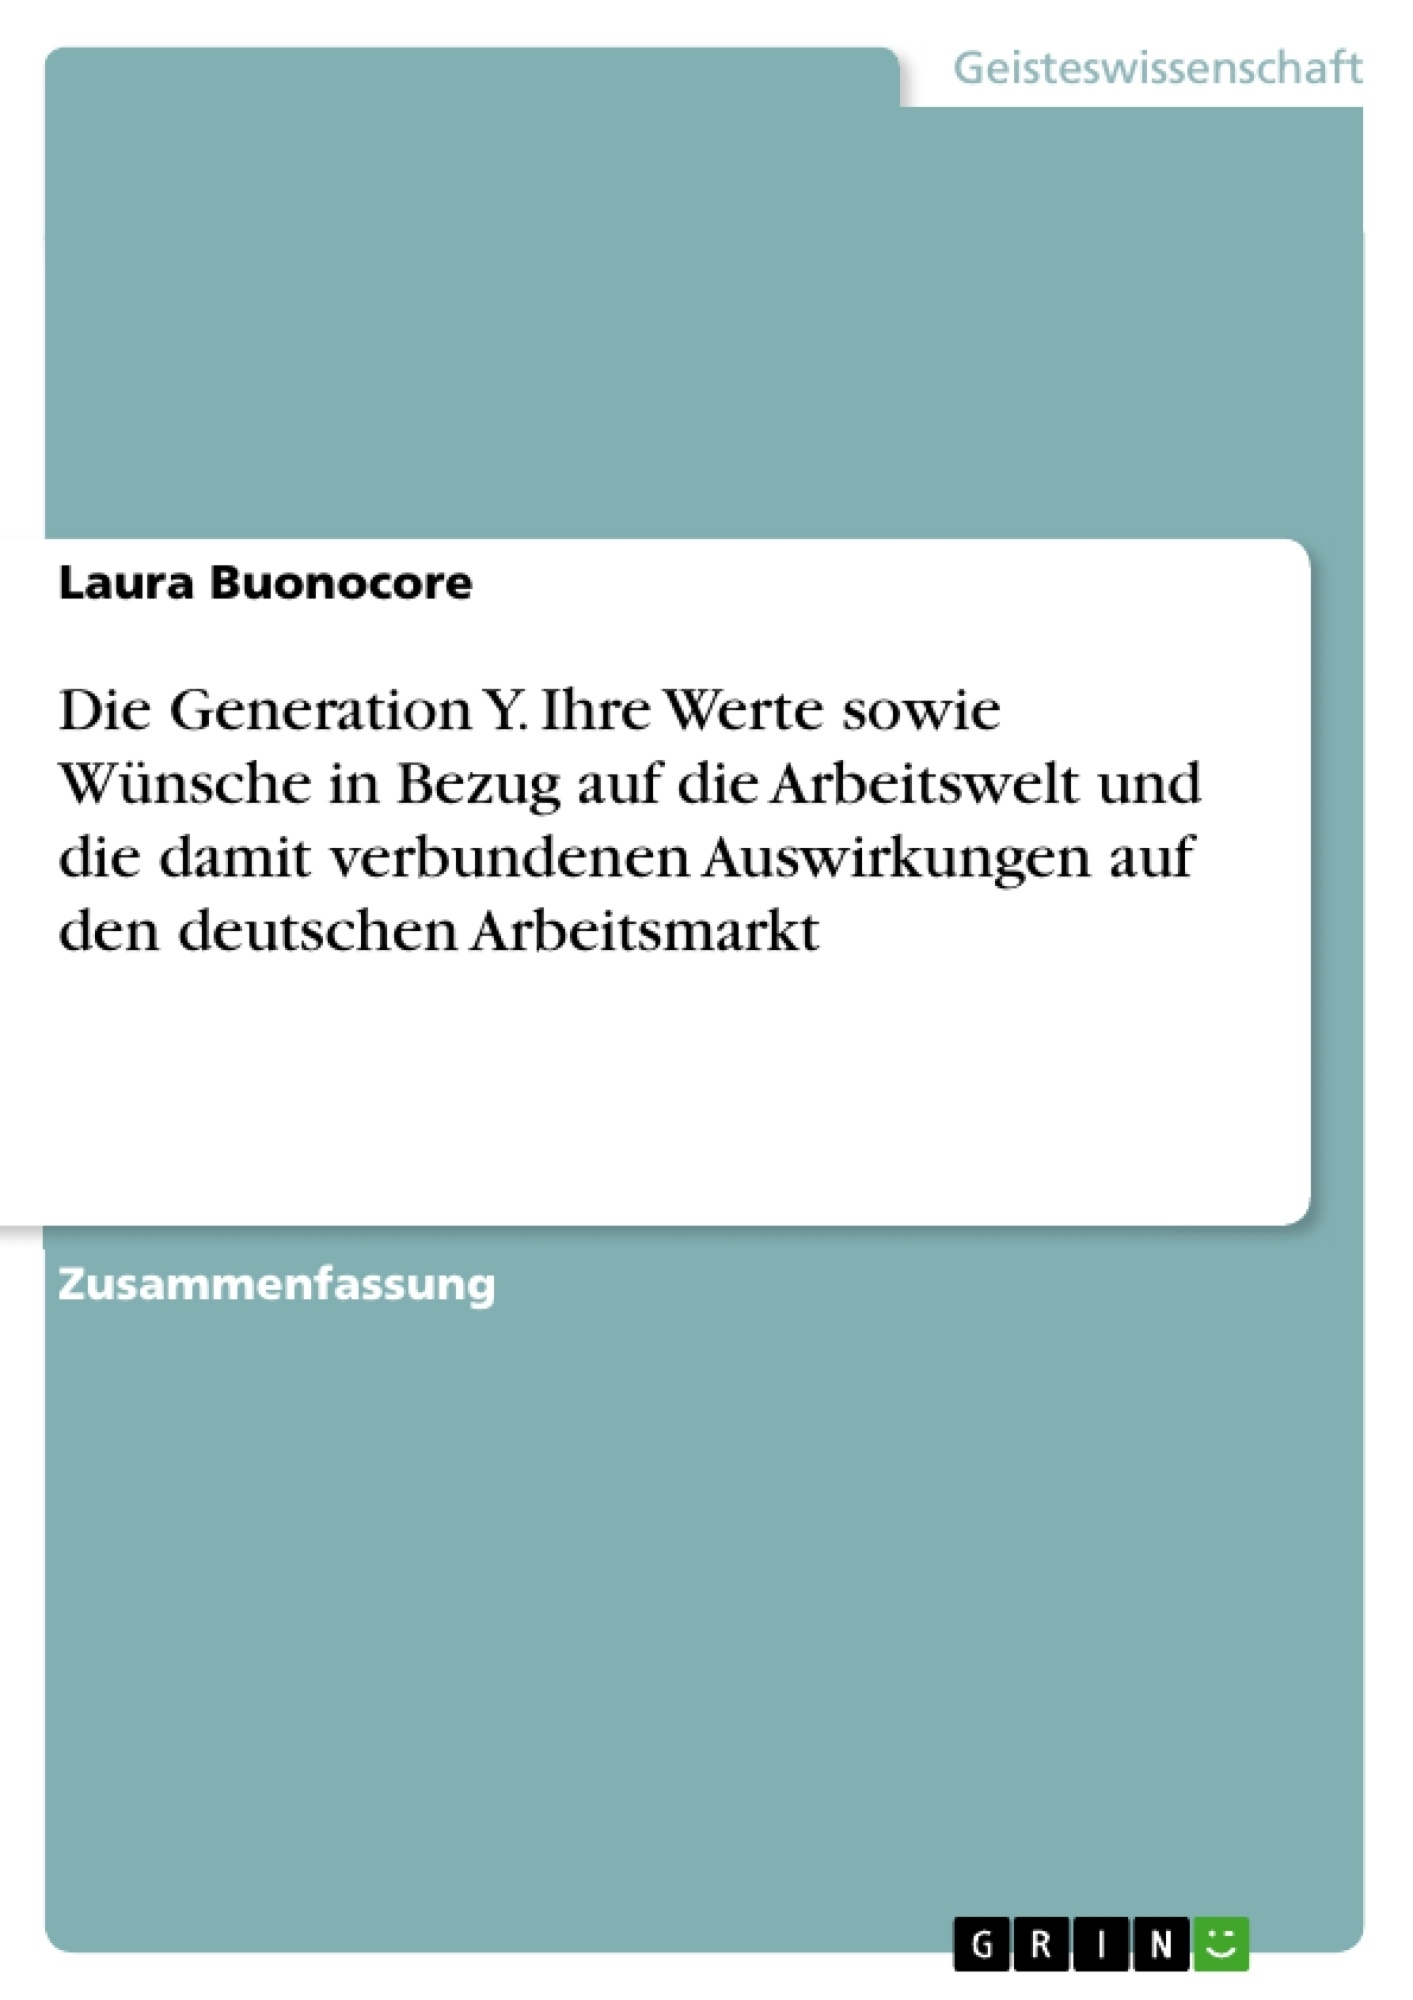 Titel: Die Generation Y. Ihre Werte sowie Wünsche in Bezug auf die Arbeitswelt und die damit verbundenen Auswirkungen auf den deutschen Arbeitsmarkt